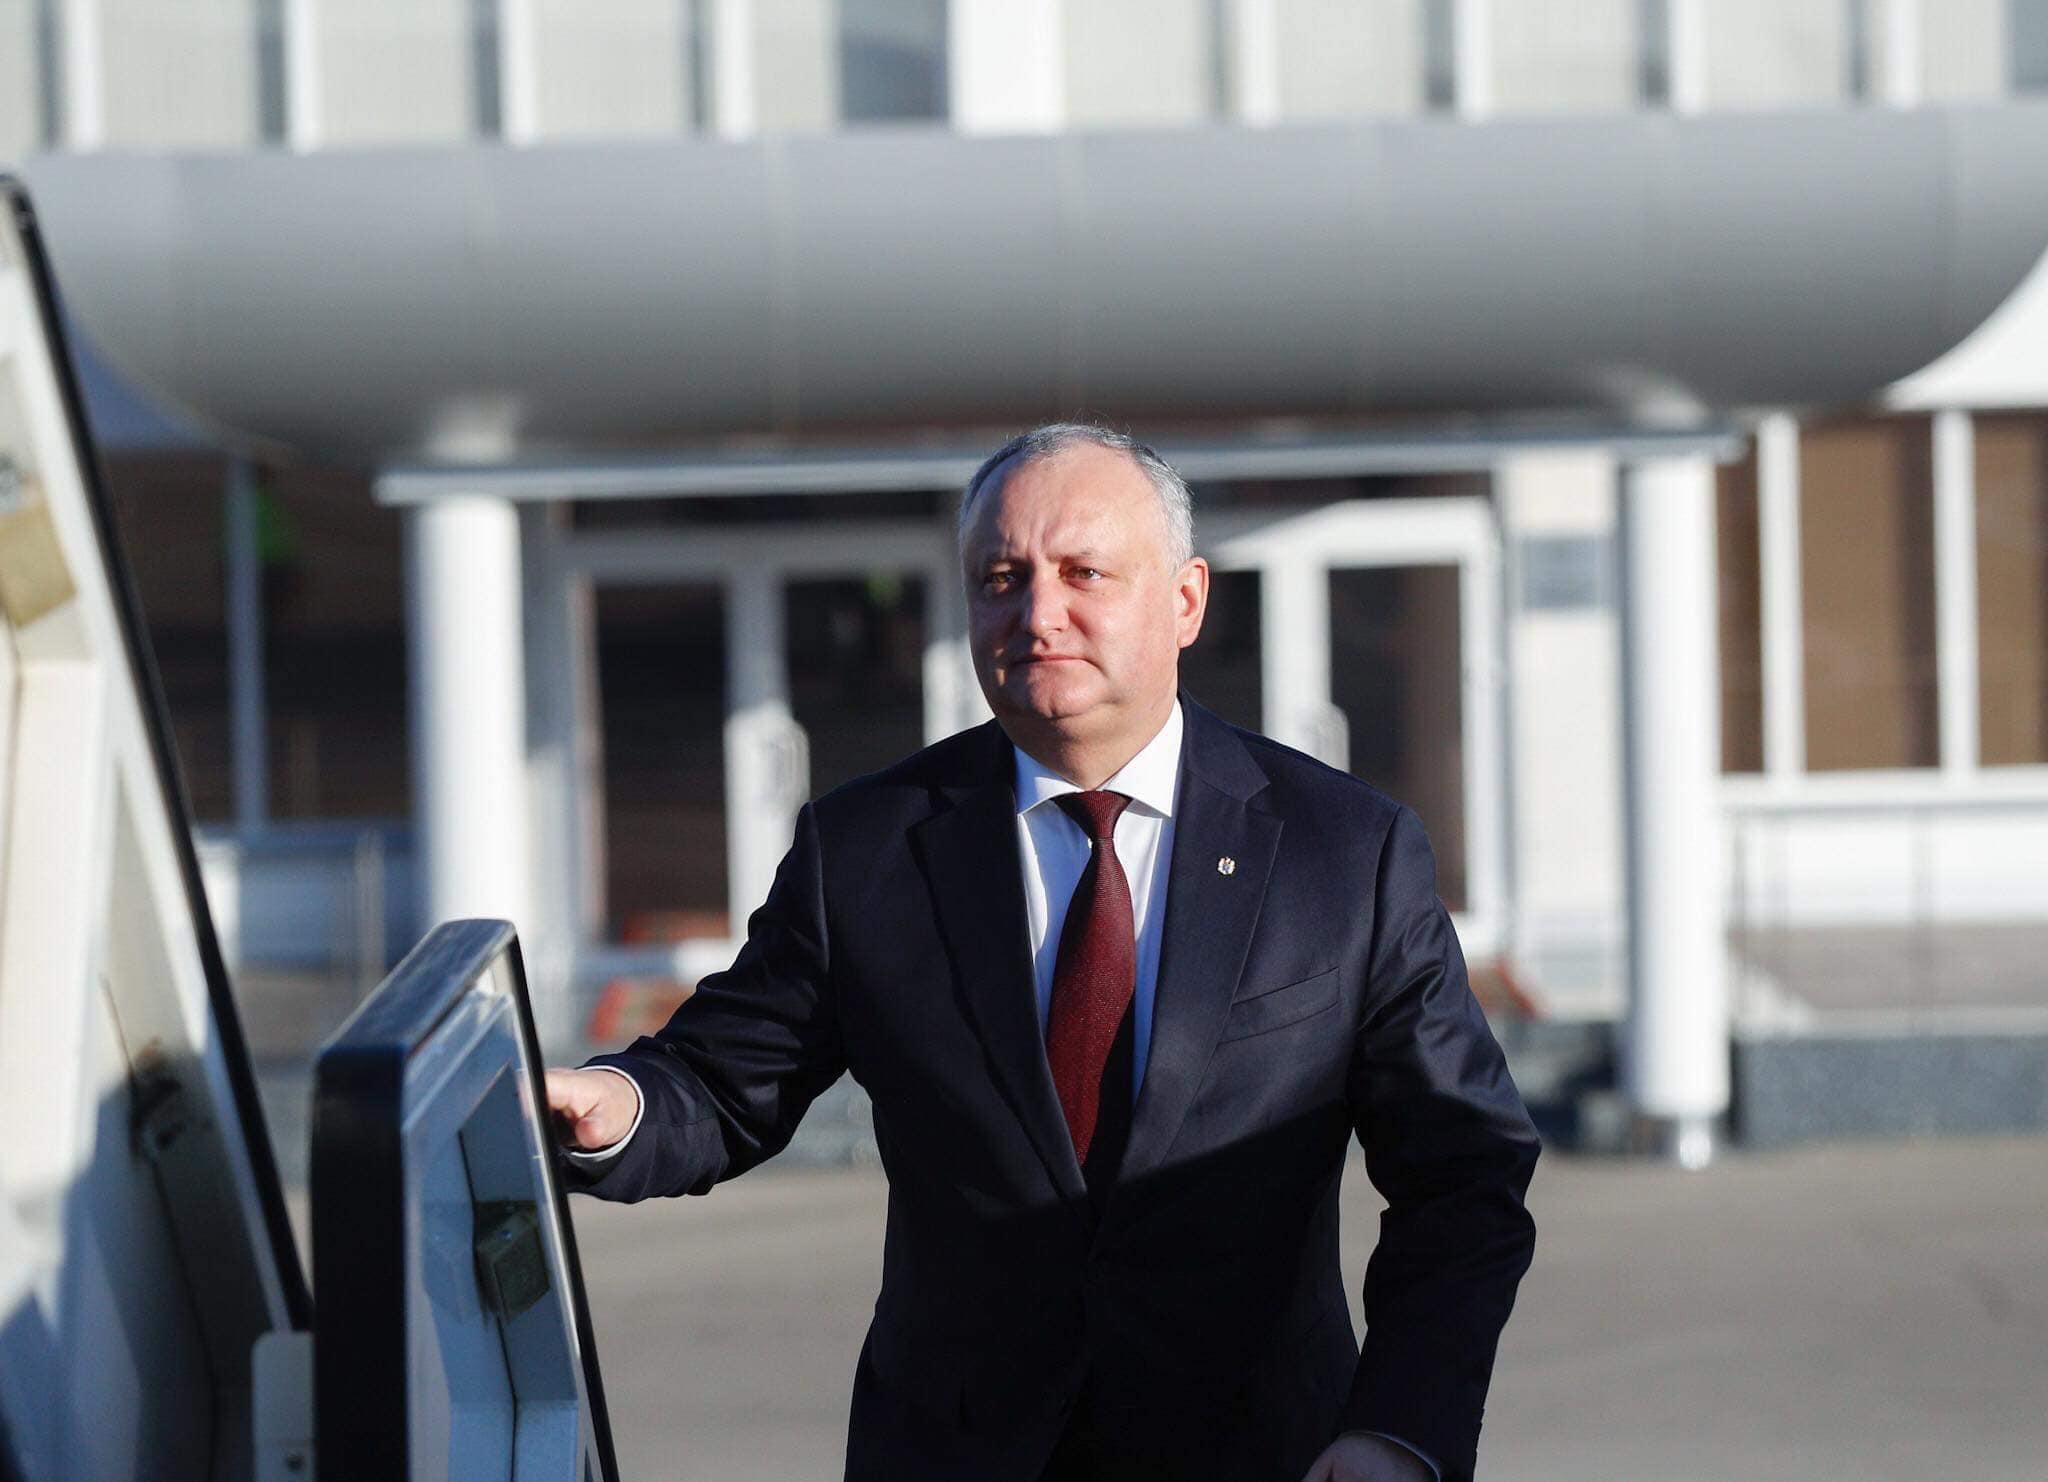 Игорь Додон отправился с рабочим визитом в Мюнхен. Президент примет участие в Международной конференции по безопасности и проведет ряд встреч